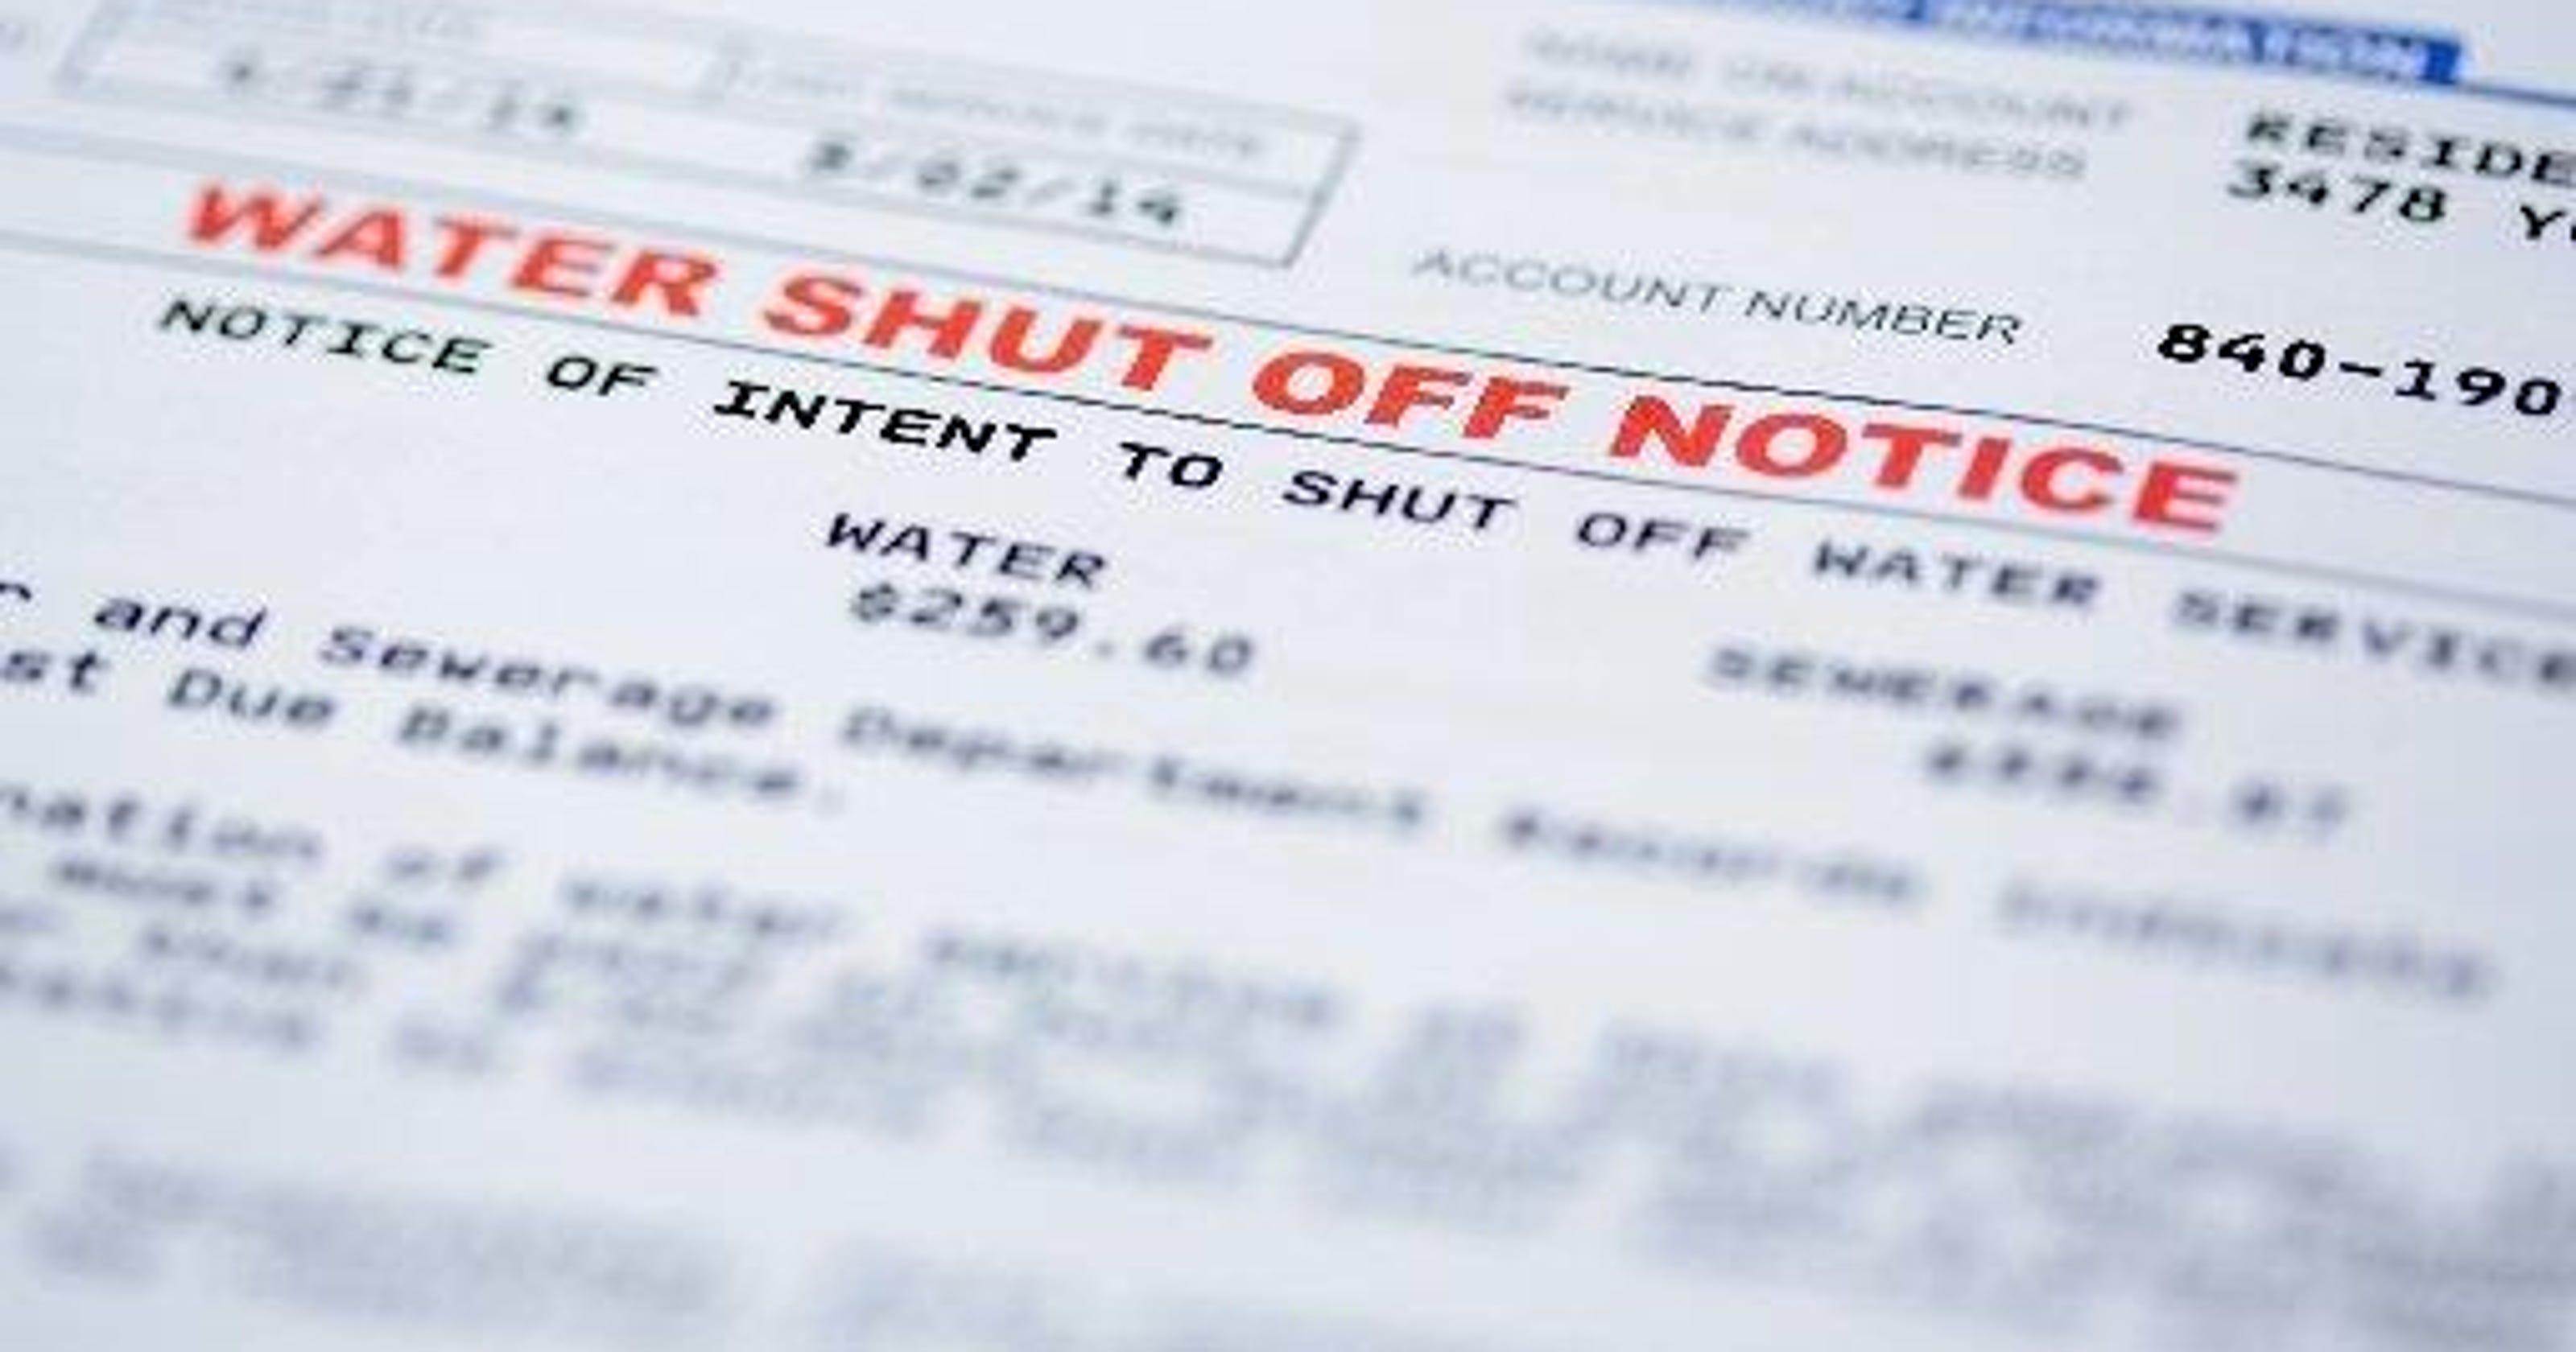 17,000 detroit households at risk for water shutoffs